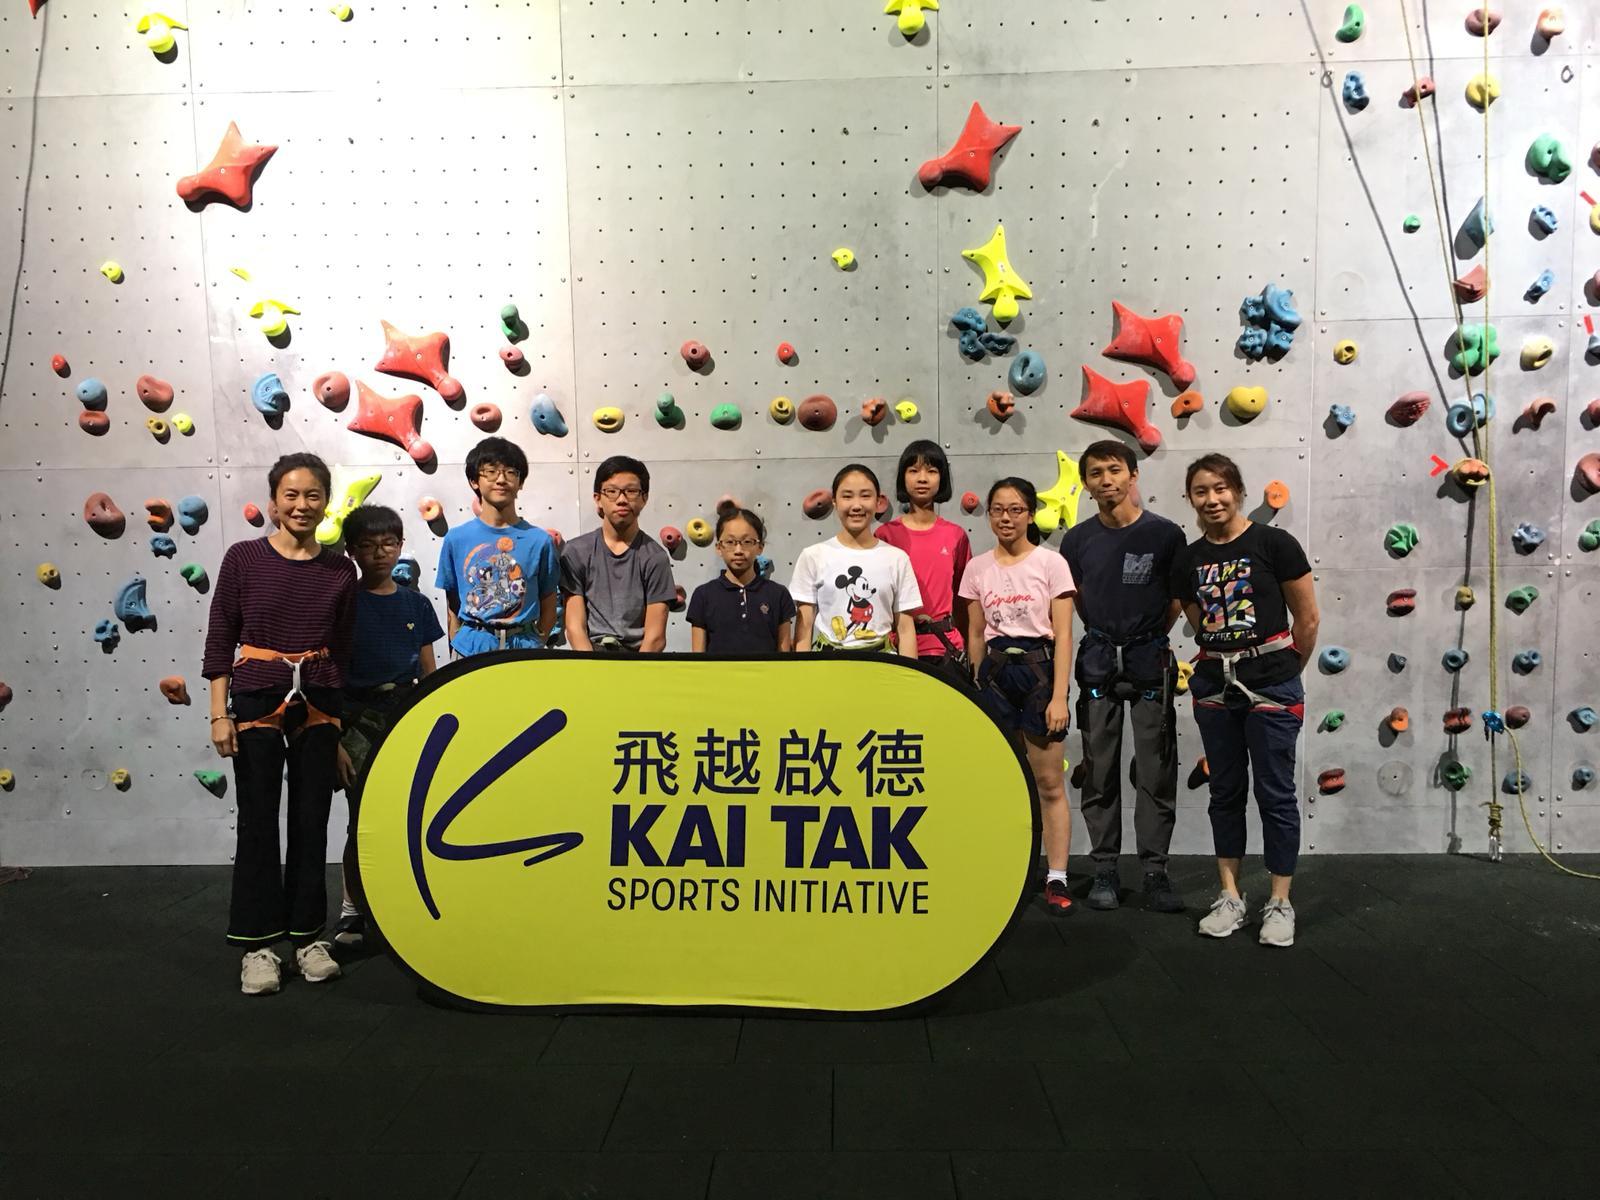 「飛越啟德」運動攀登培訓計劃-初級課程 KT-C取錄名單 (名額已滿)